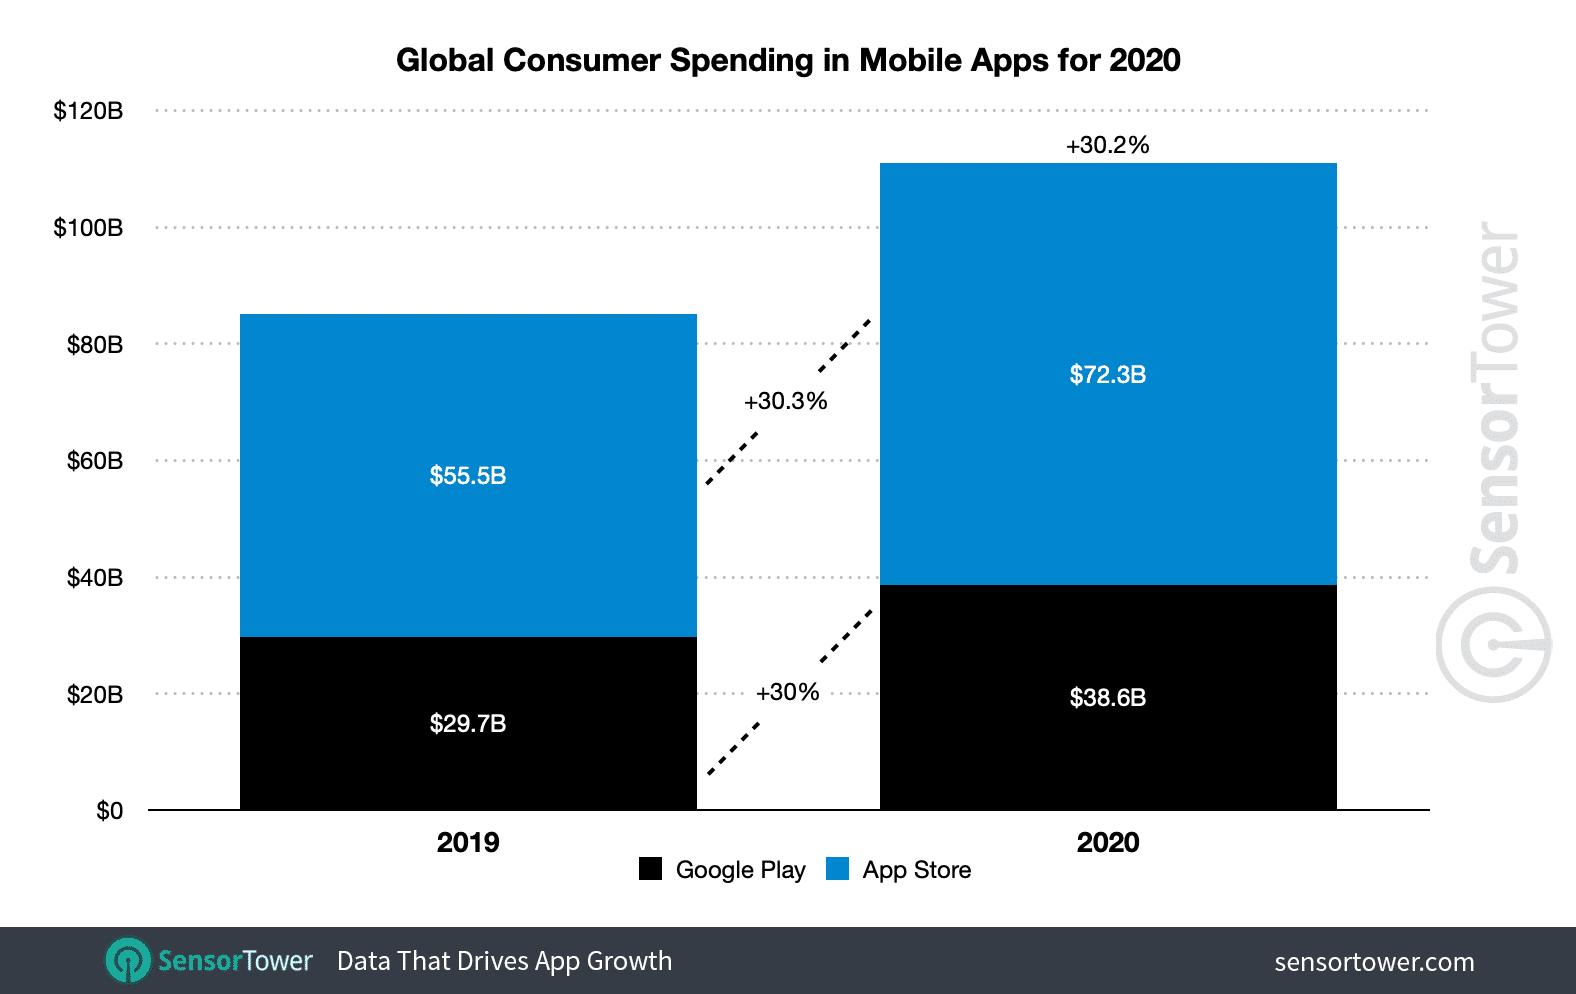 Gastos com apps em 2020